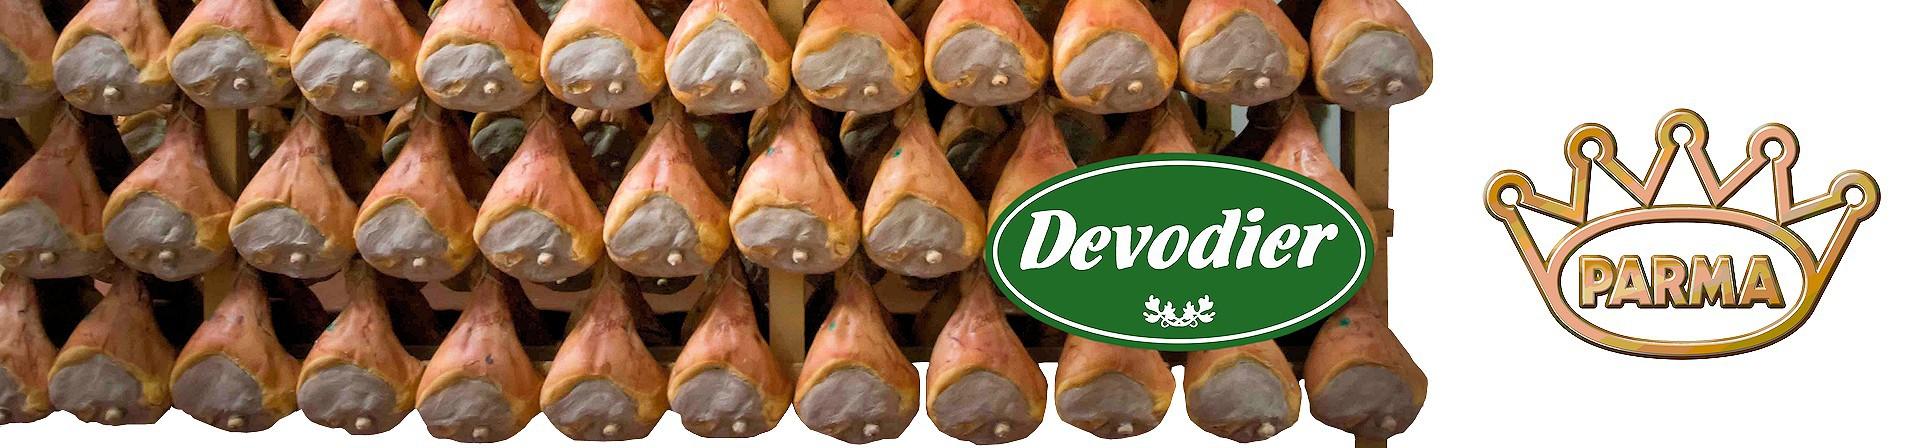 Prosciutto di Parma DOP - Devodier - vendita online